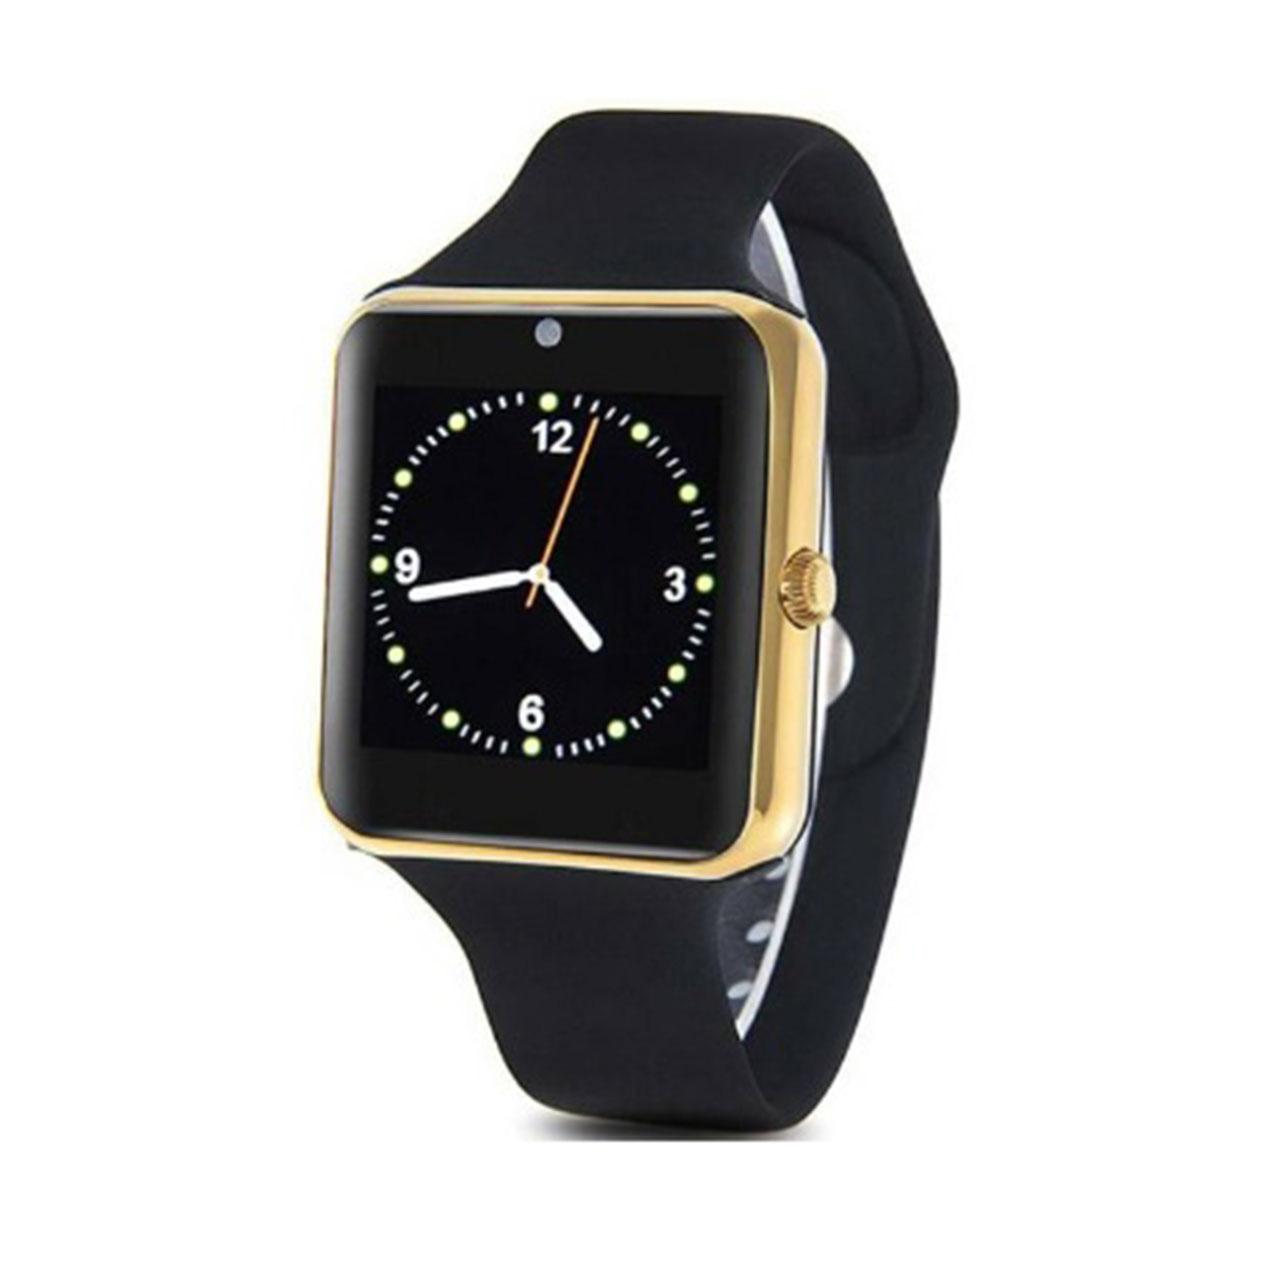 ساعت هوشمند مدل  Q7Sp همراه باطری یدکی و محافظ صفحه نمایش آتاگالری